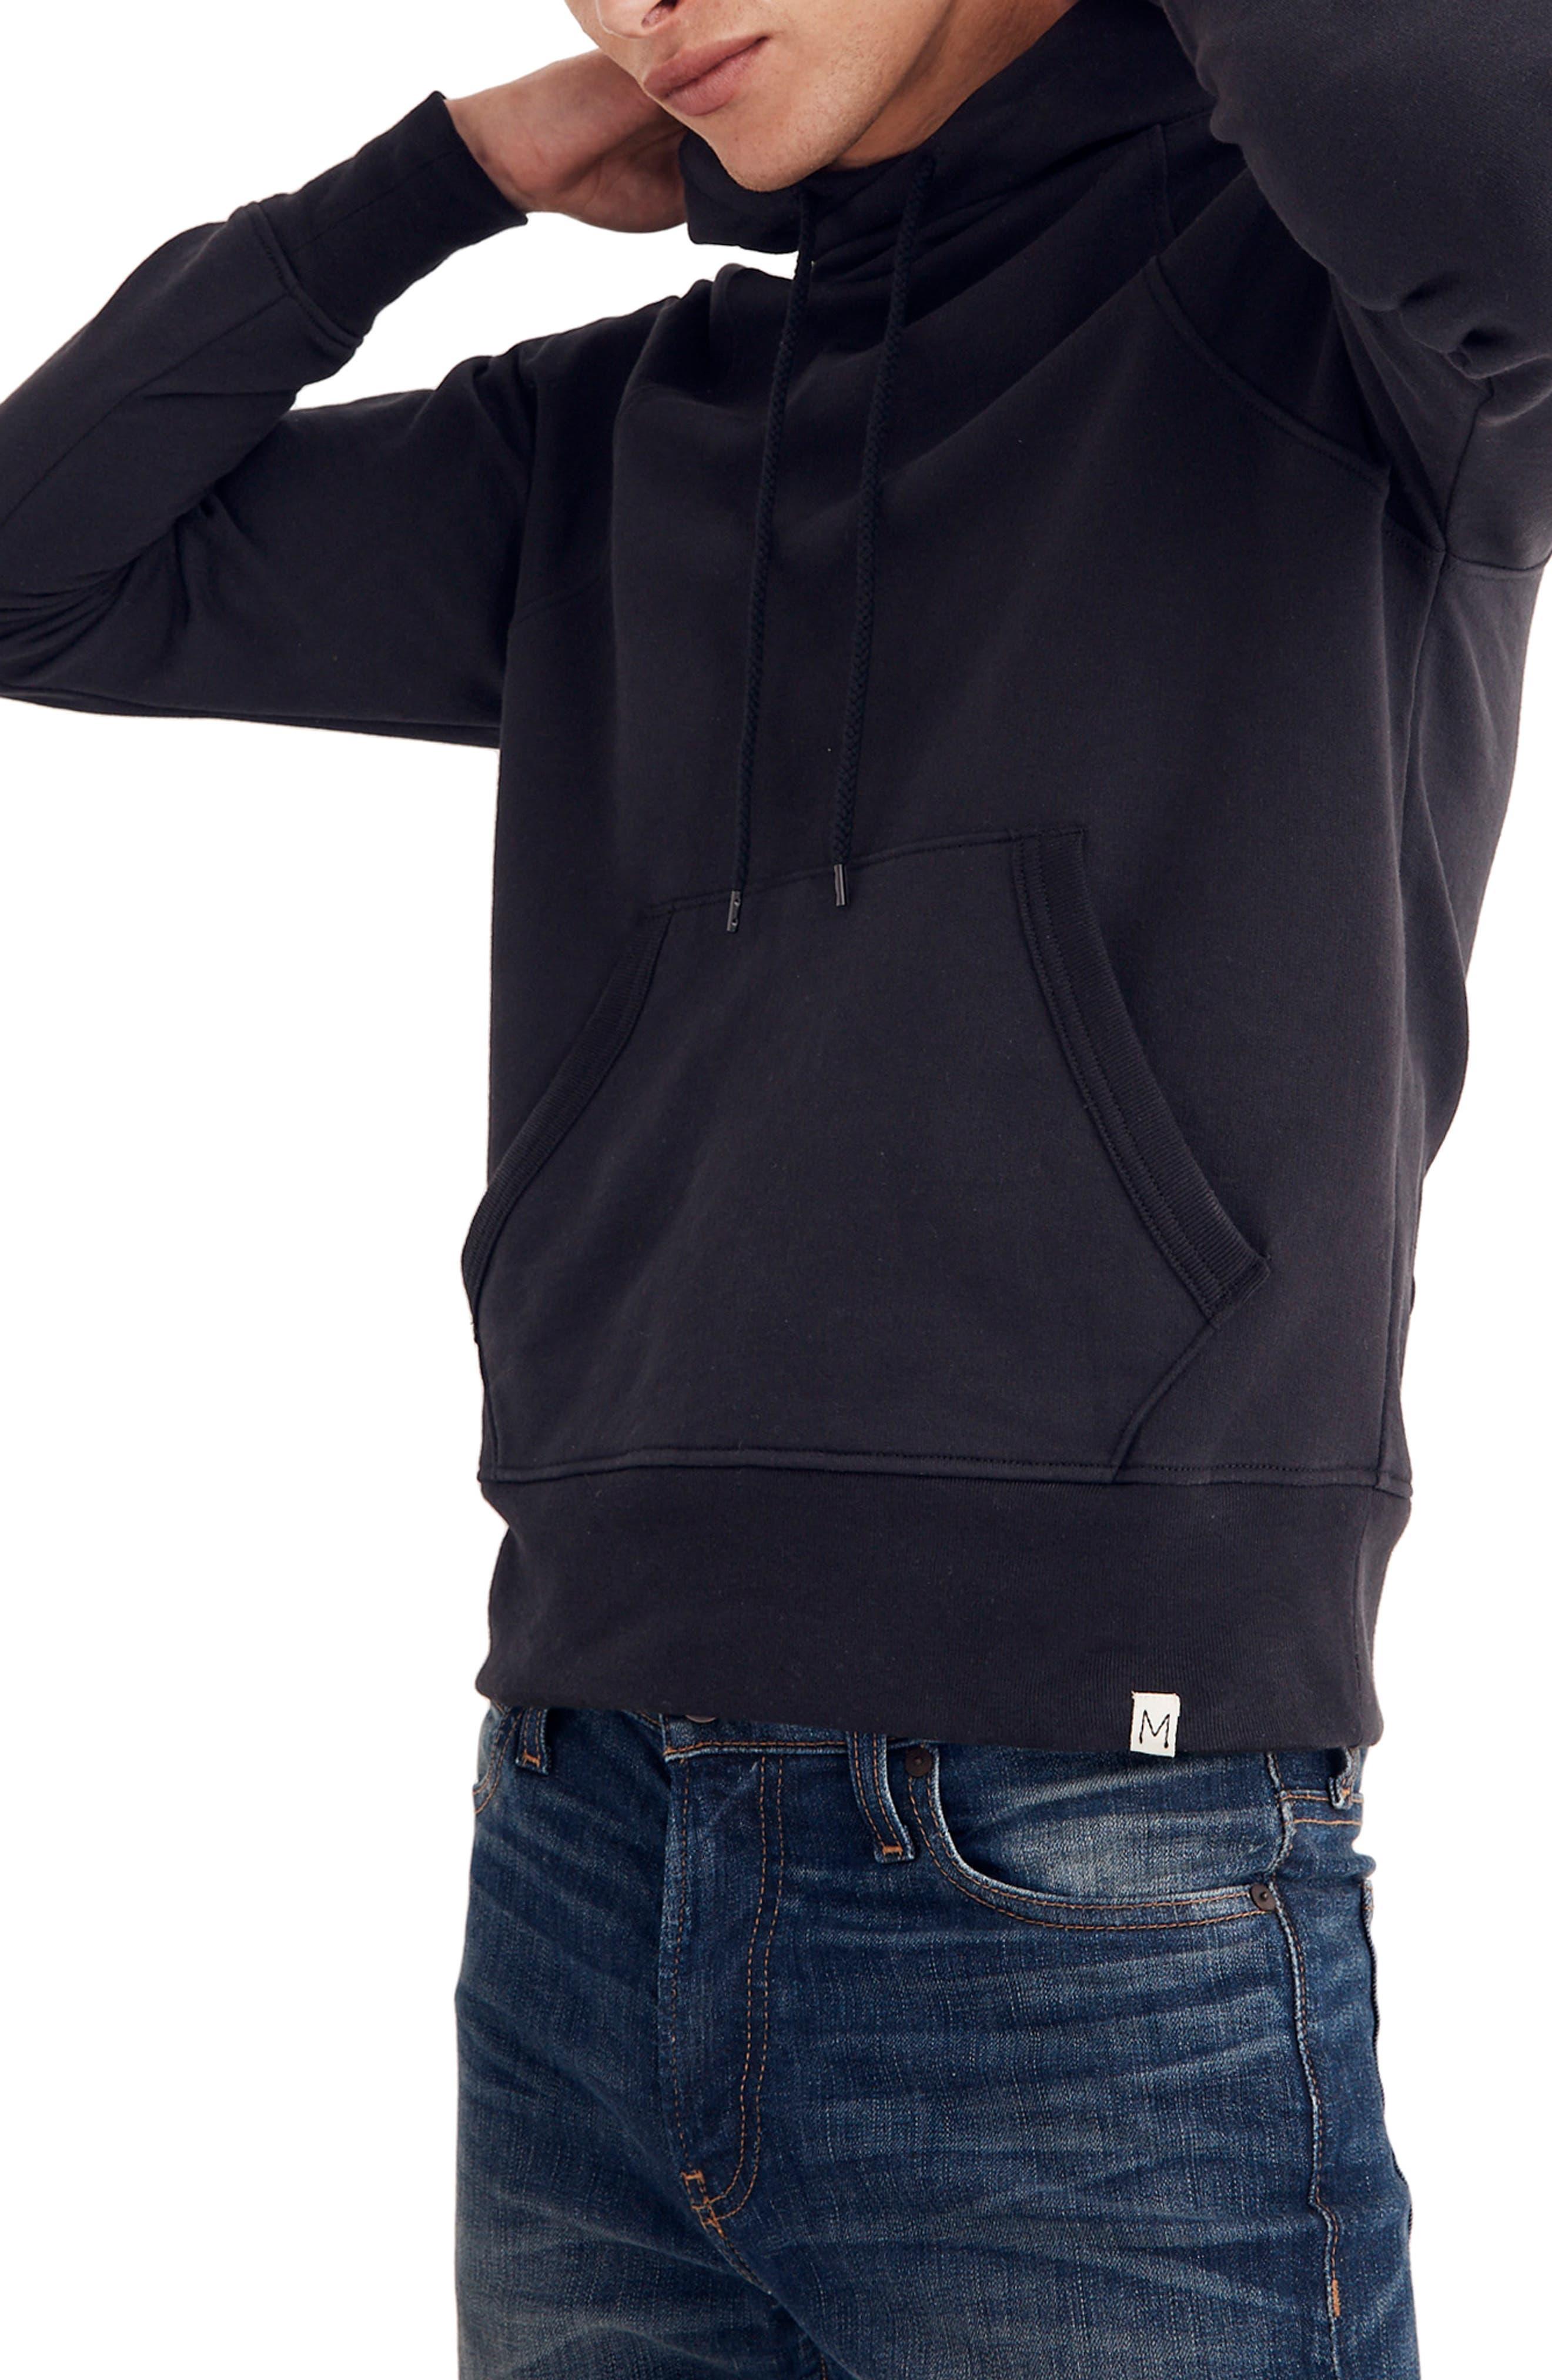 Cotton Hoodie,                         Main,                         color, BLACK